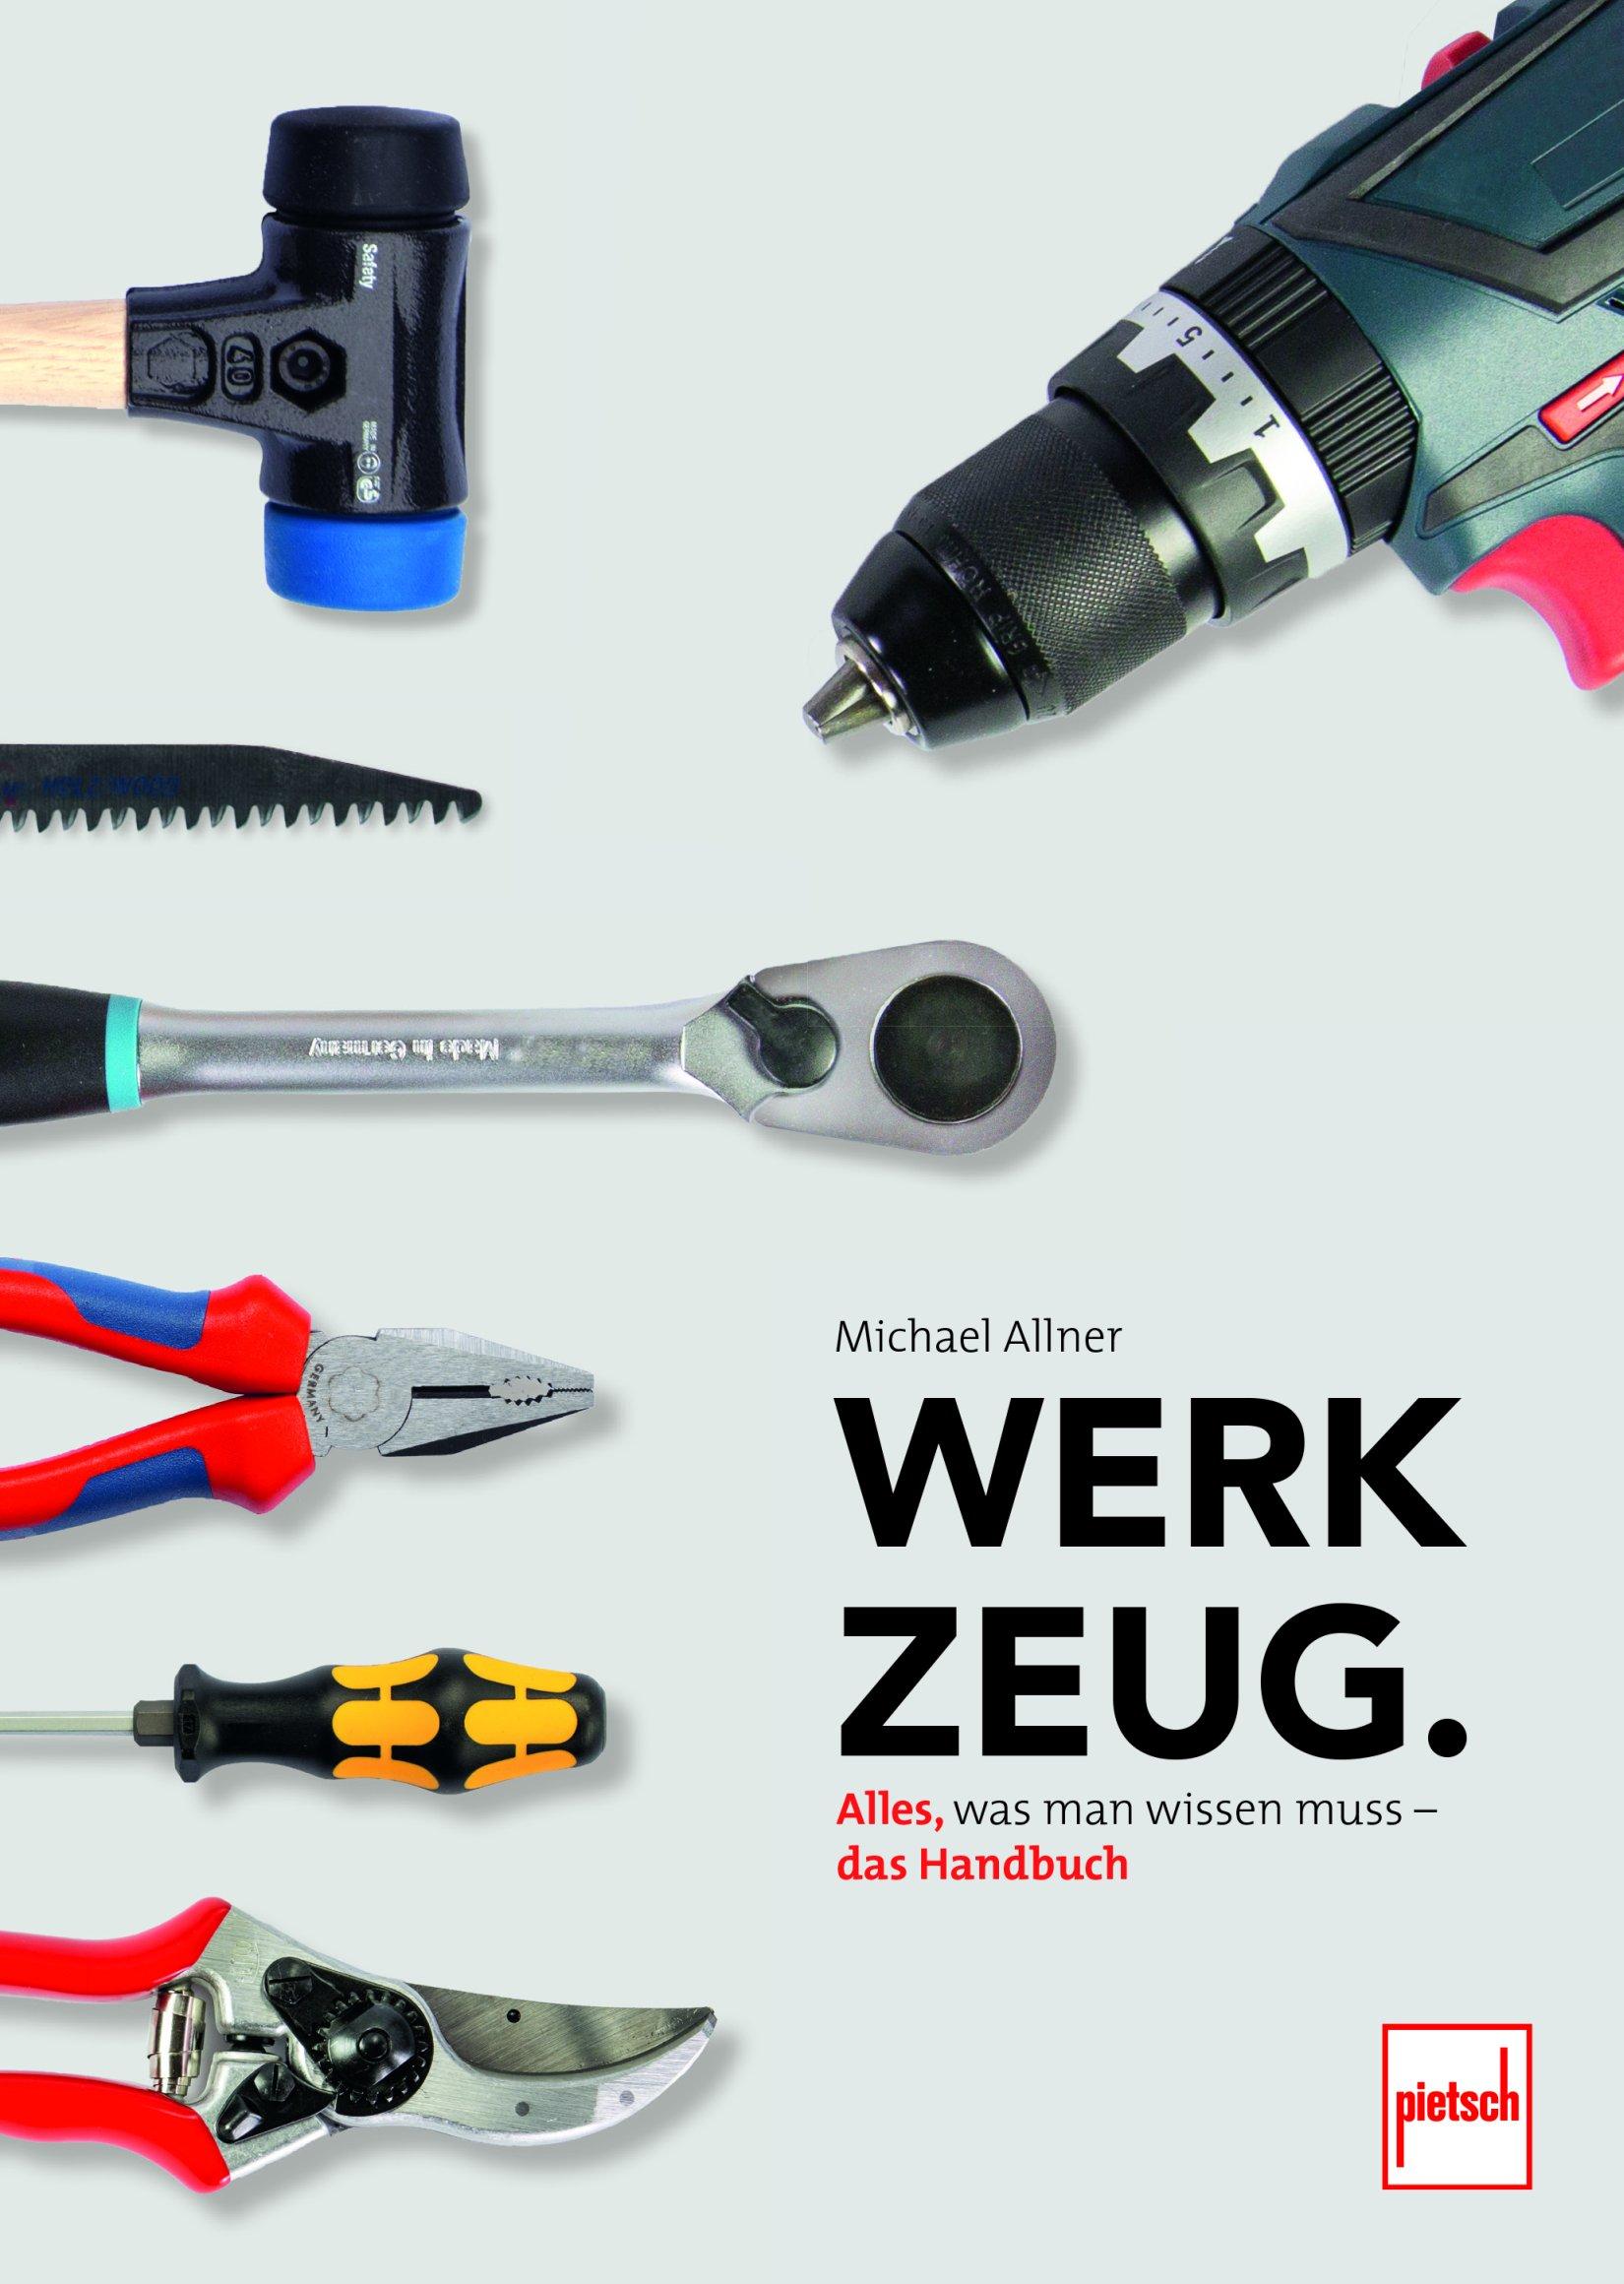 Buch: Werkzeug. Alles, was man wissen muss.